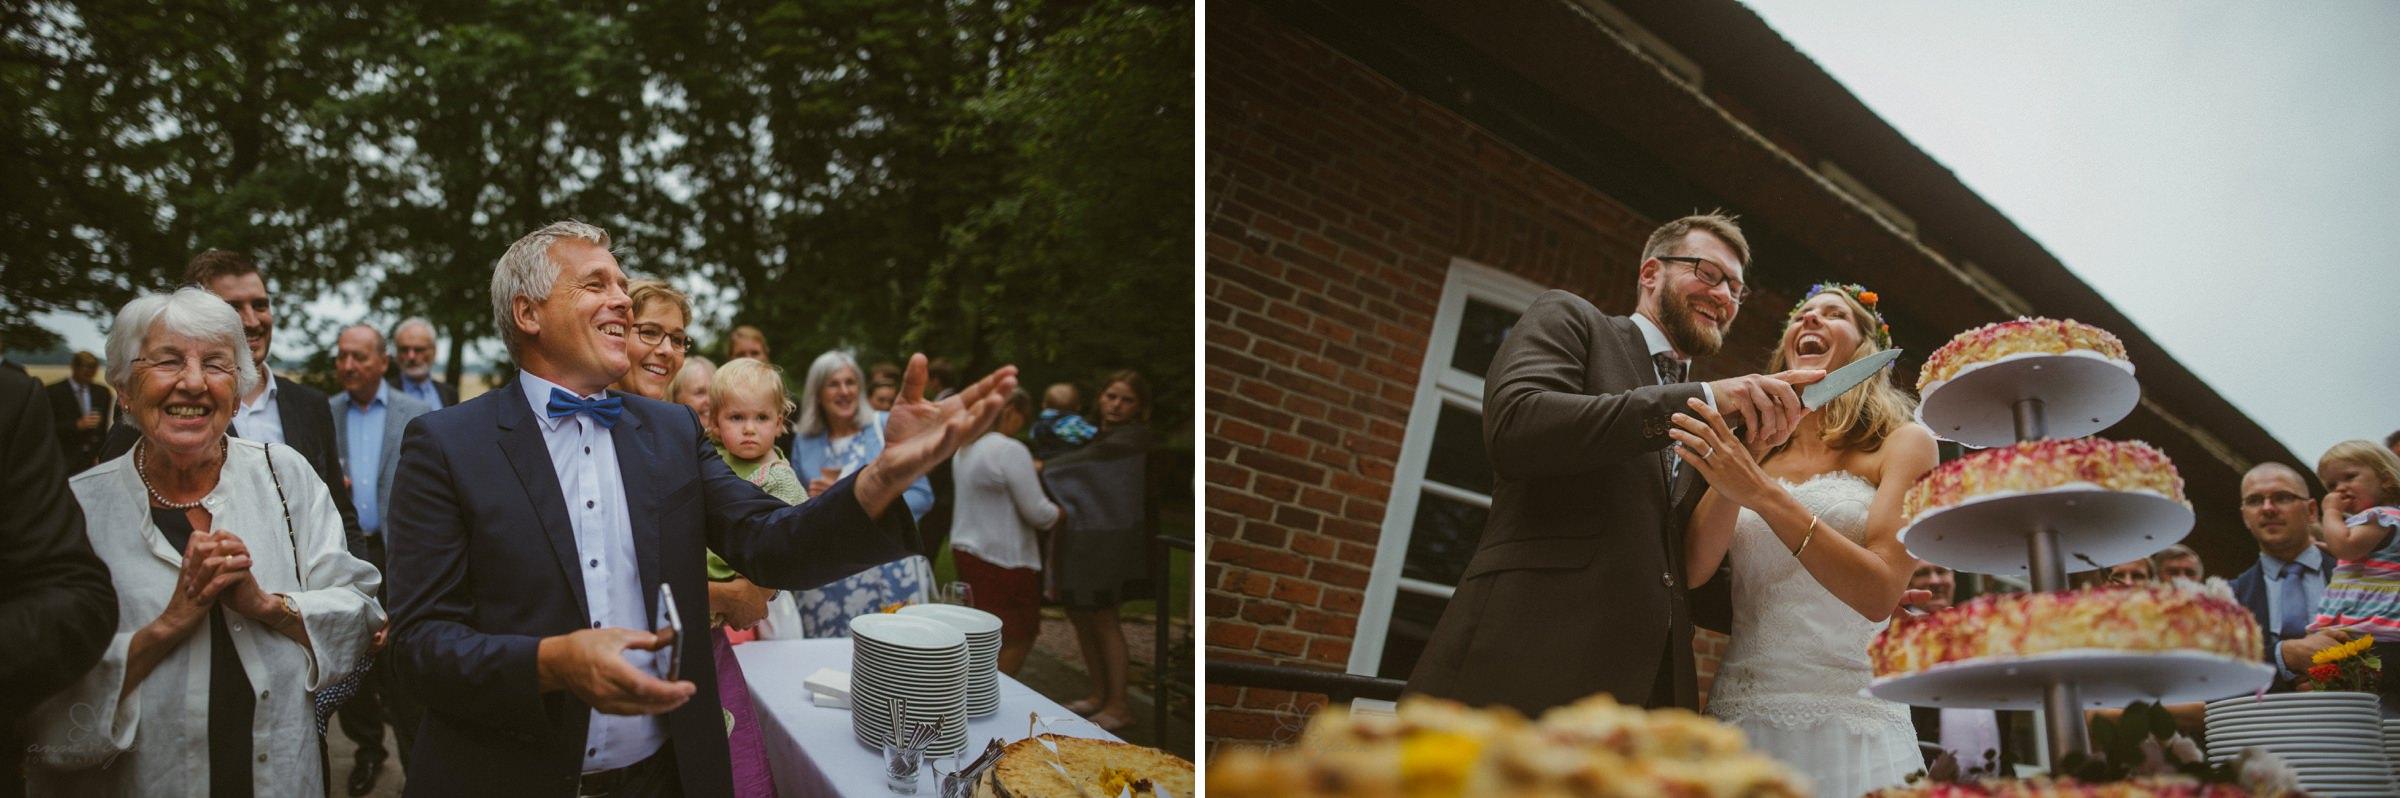 Tortenanschnitt, Hochzeitstorte, Braut und Bräutigam